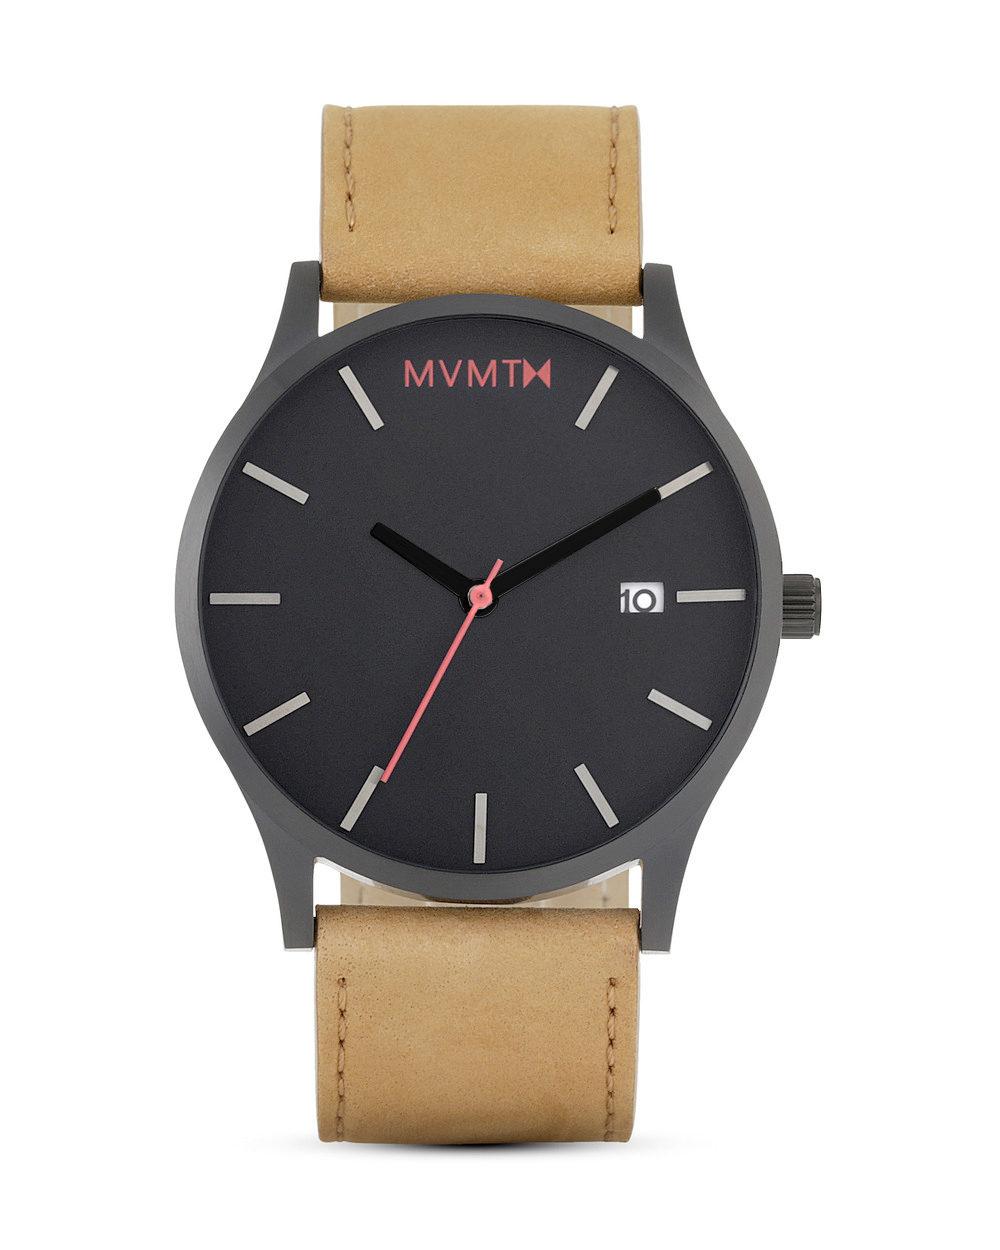 MVMT Uhren bei valmano.de - verschiedene Modelle ab 64,00€